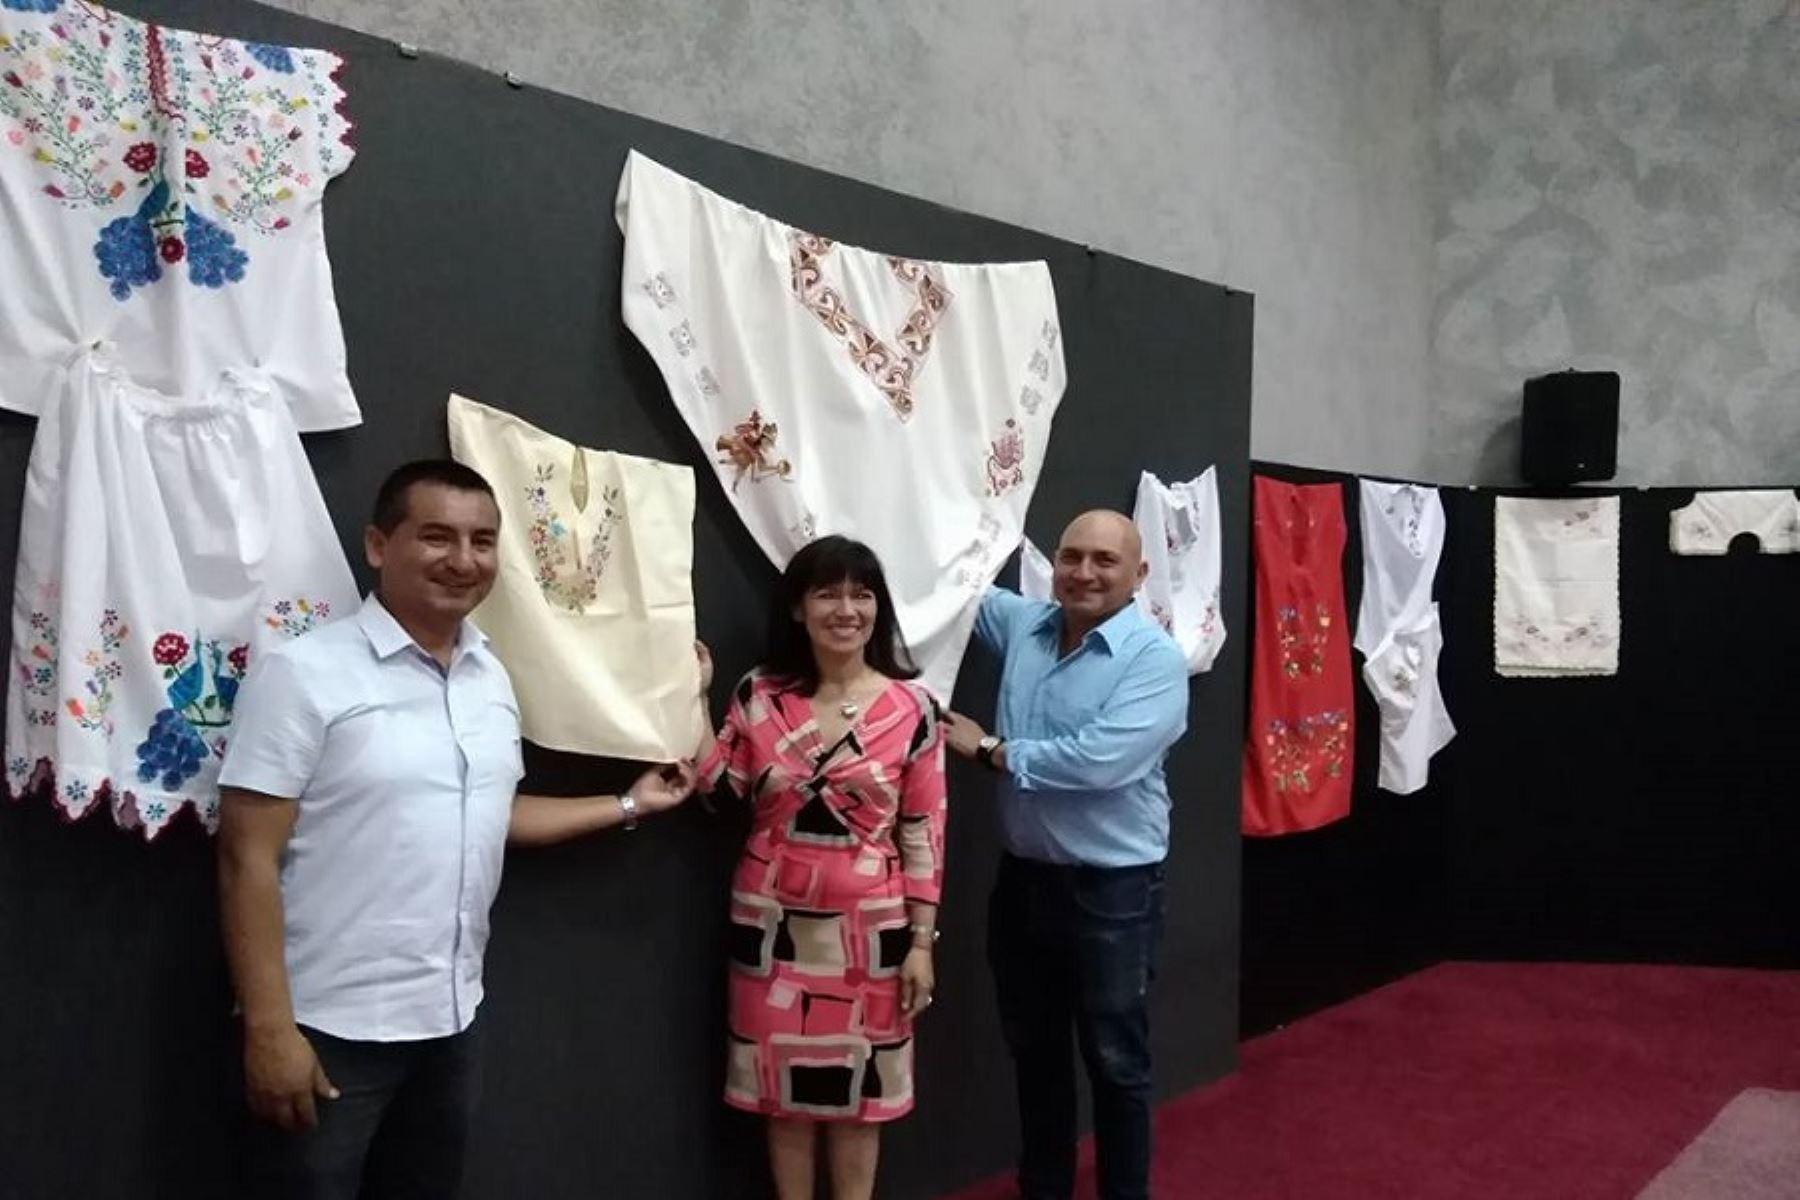 Artesanas de Lambayeque presentan nuevos productos artesanales innovadores. ANDINA